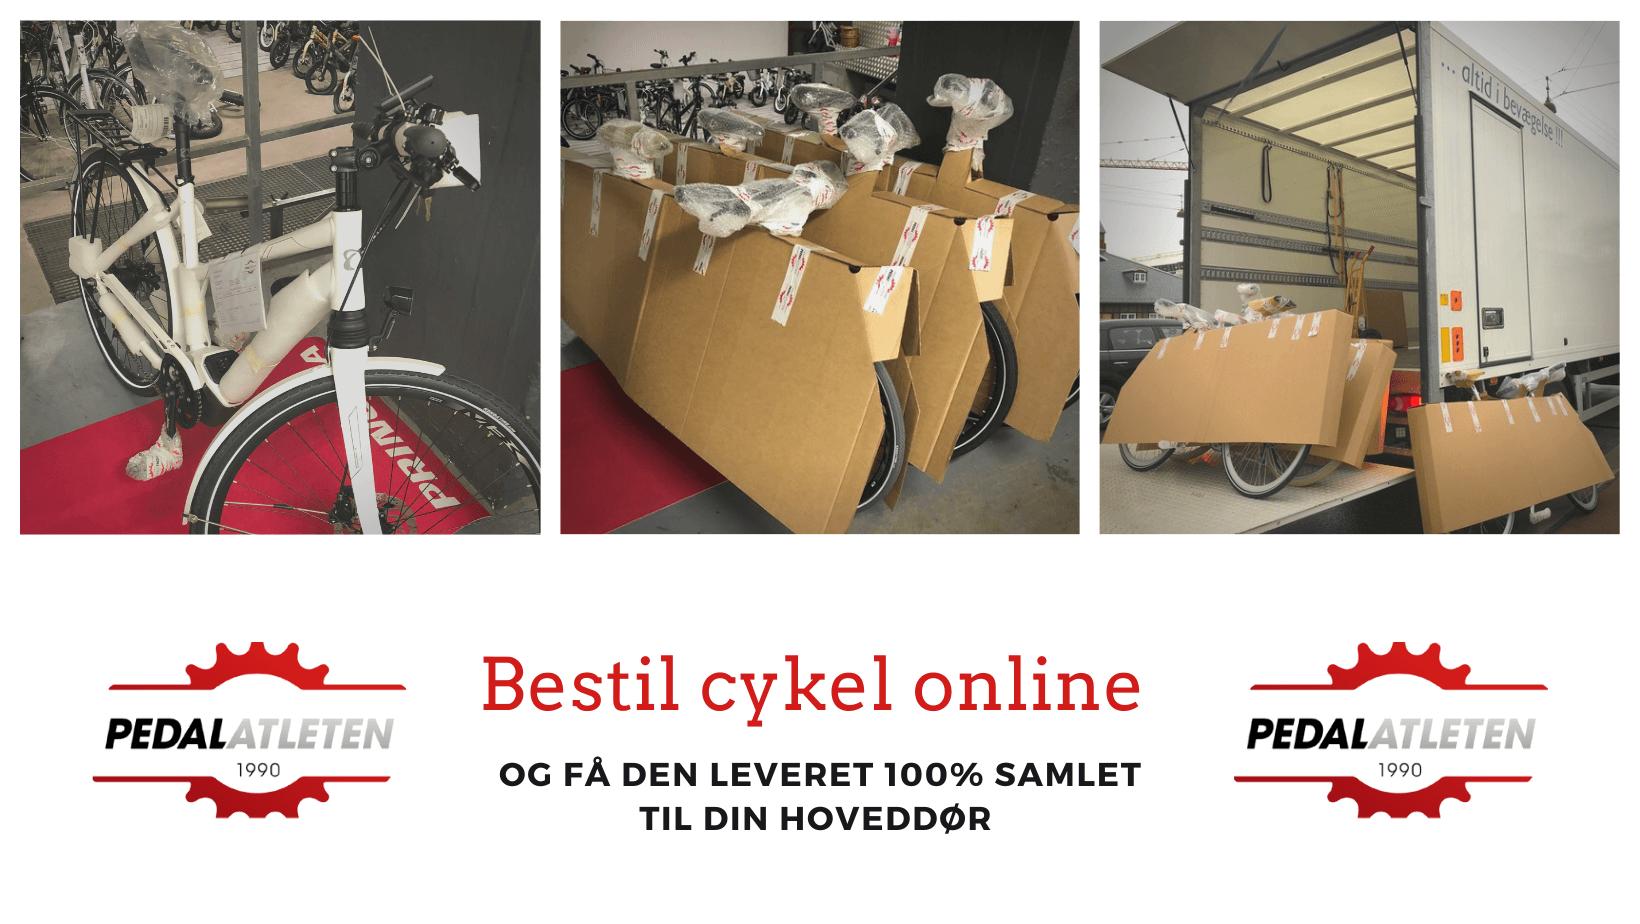 Bestil cykel på Pedalatleten.dk og få den leveret 100% køreklar